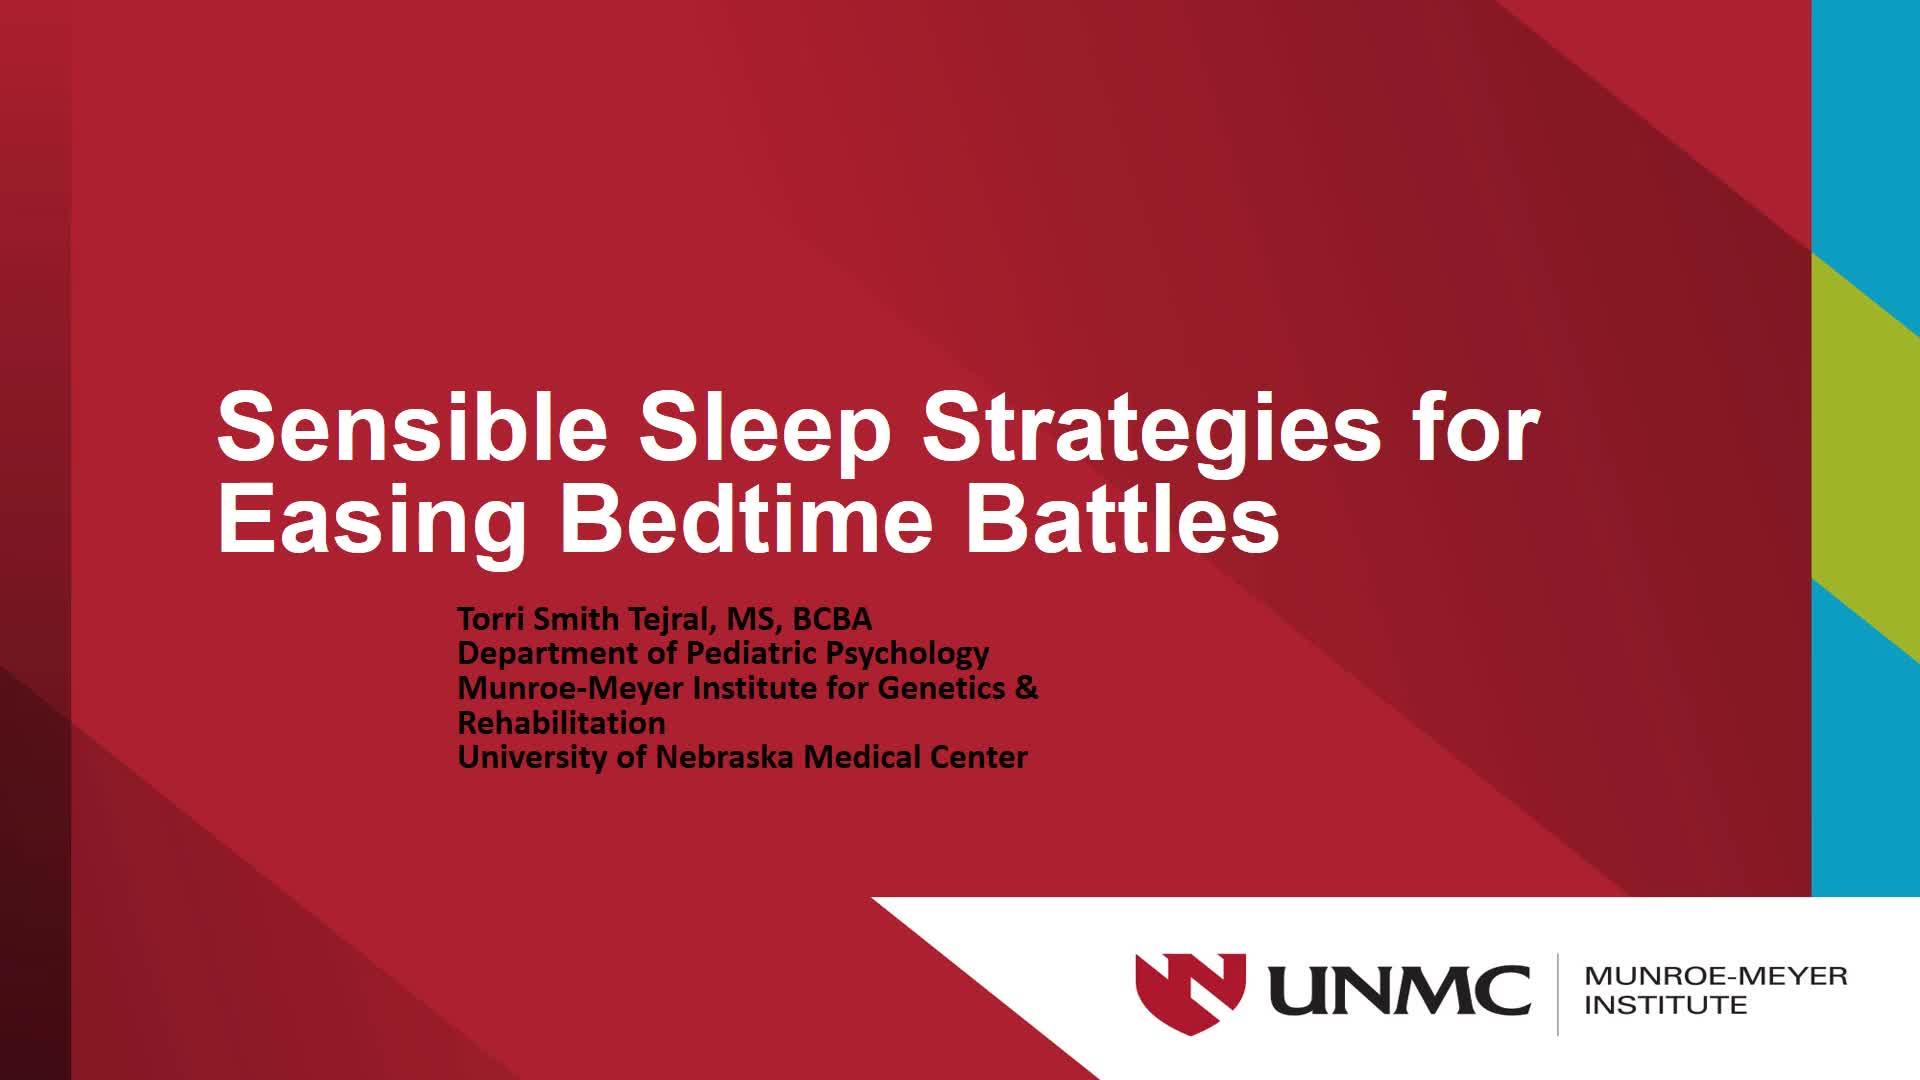 Sensible Sleep Strategies Easing Bedtime Battles